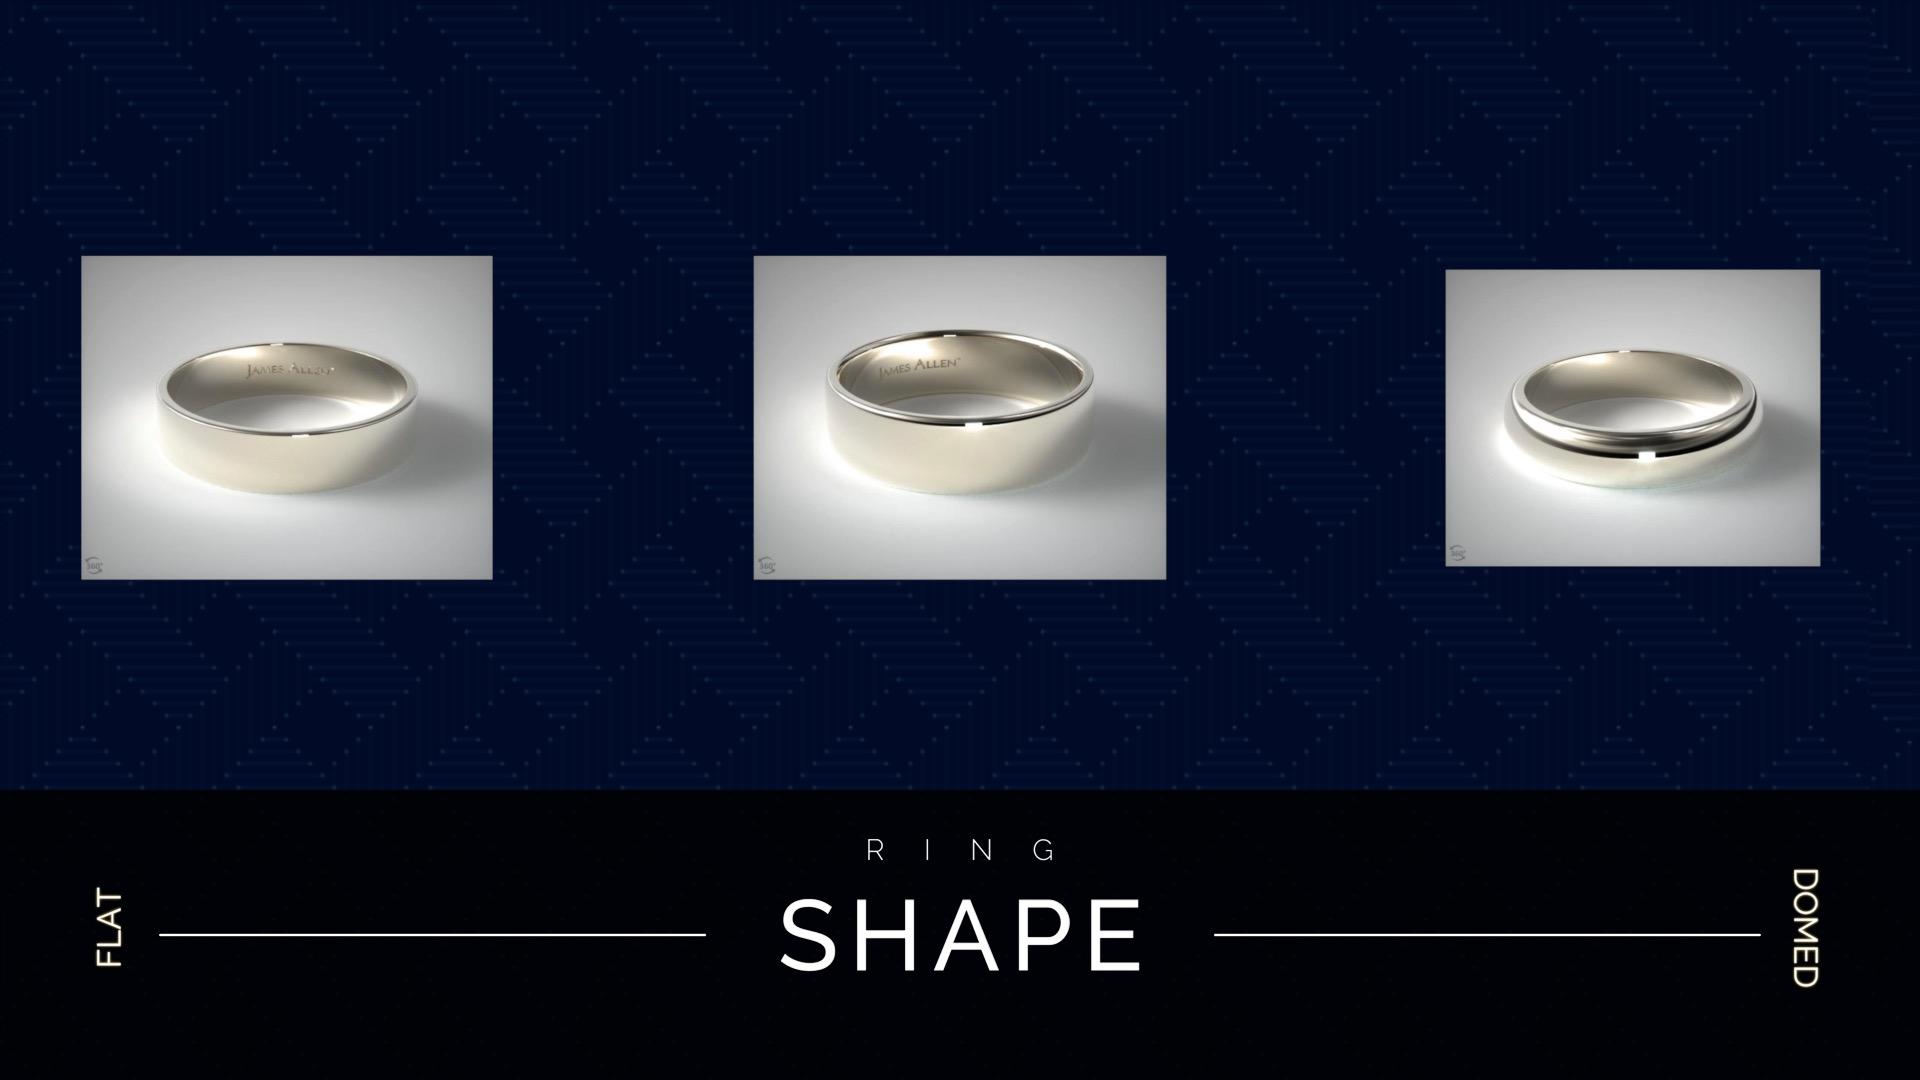 Wedding band shapes